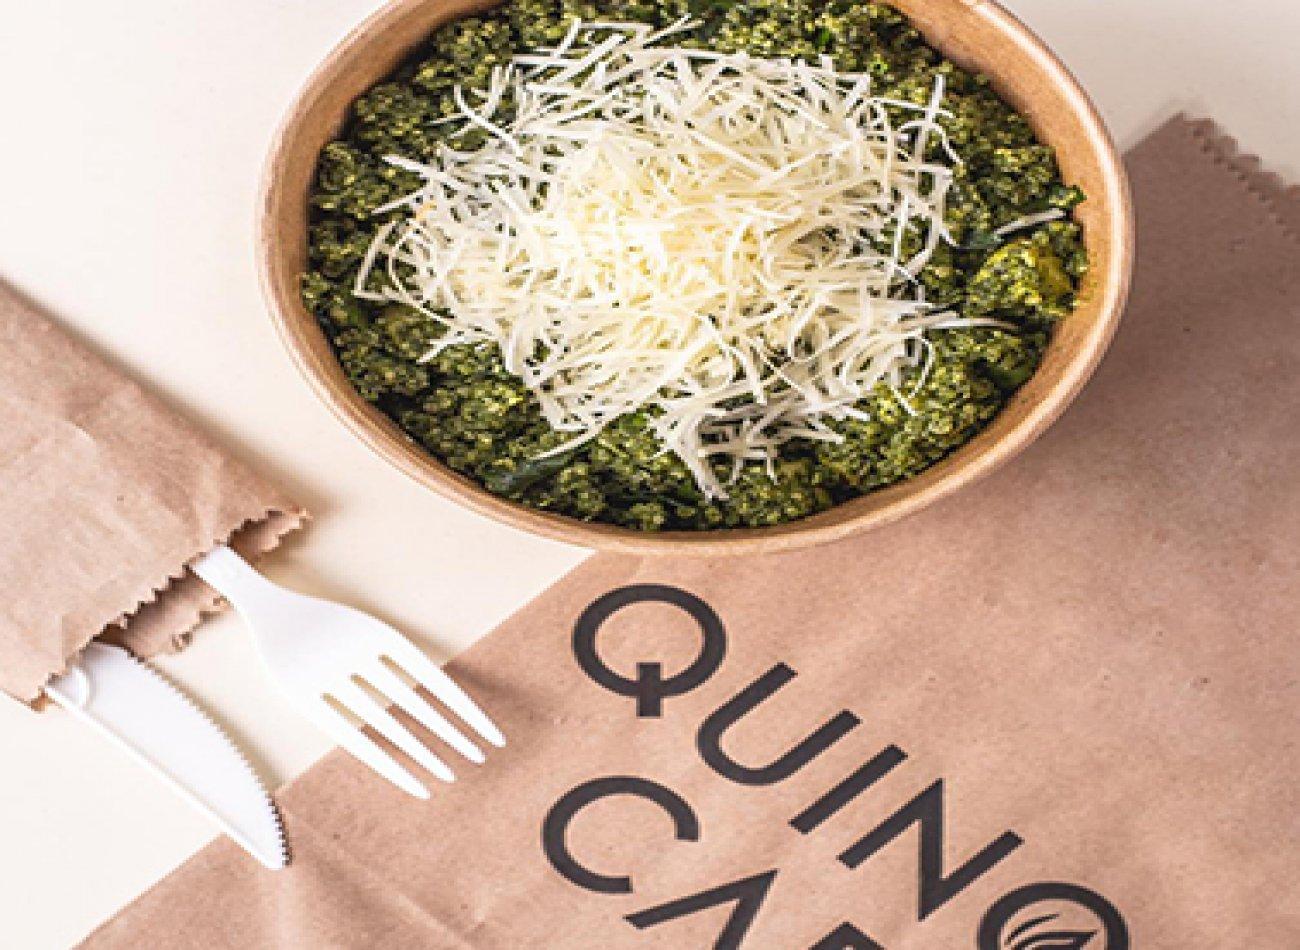 QUINOA CAFé - MIRAFLORES Restaurante - Reserva y Pide Delivery o Take Out en restaurantes de Comida CAFé - SANDWICH Y ENSALADAS - MIRAFLORES - MESA 24/7 | LIMA - Perú